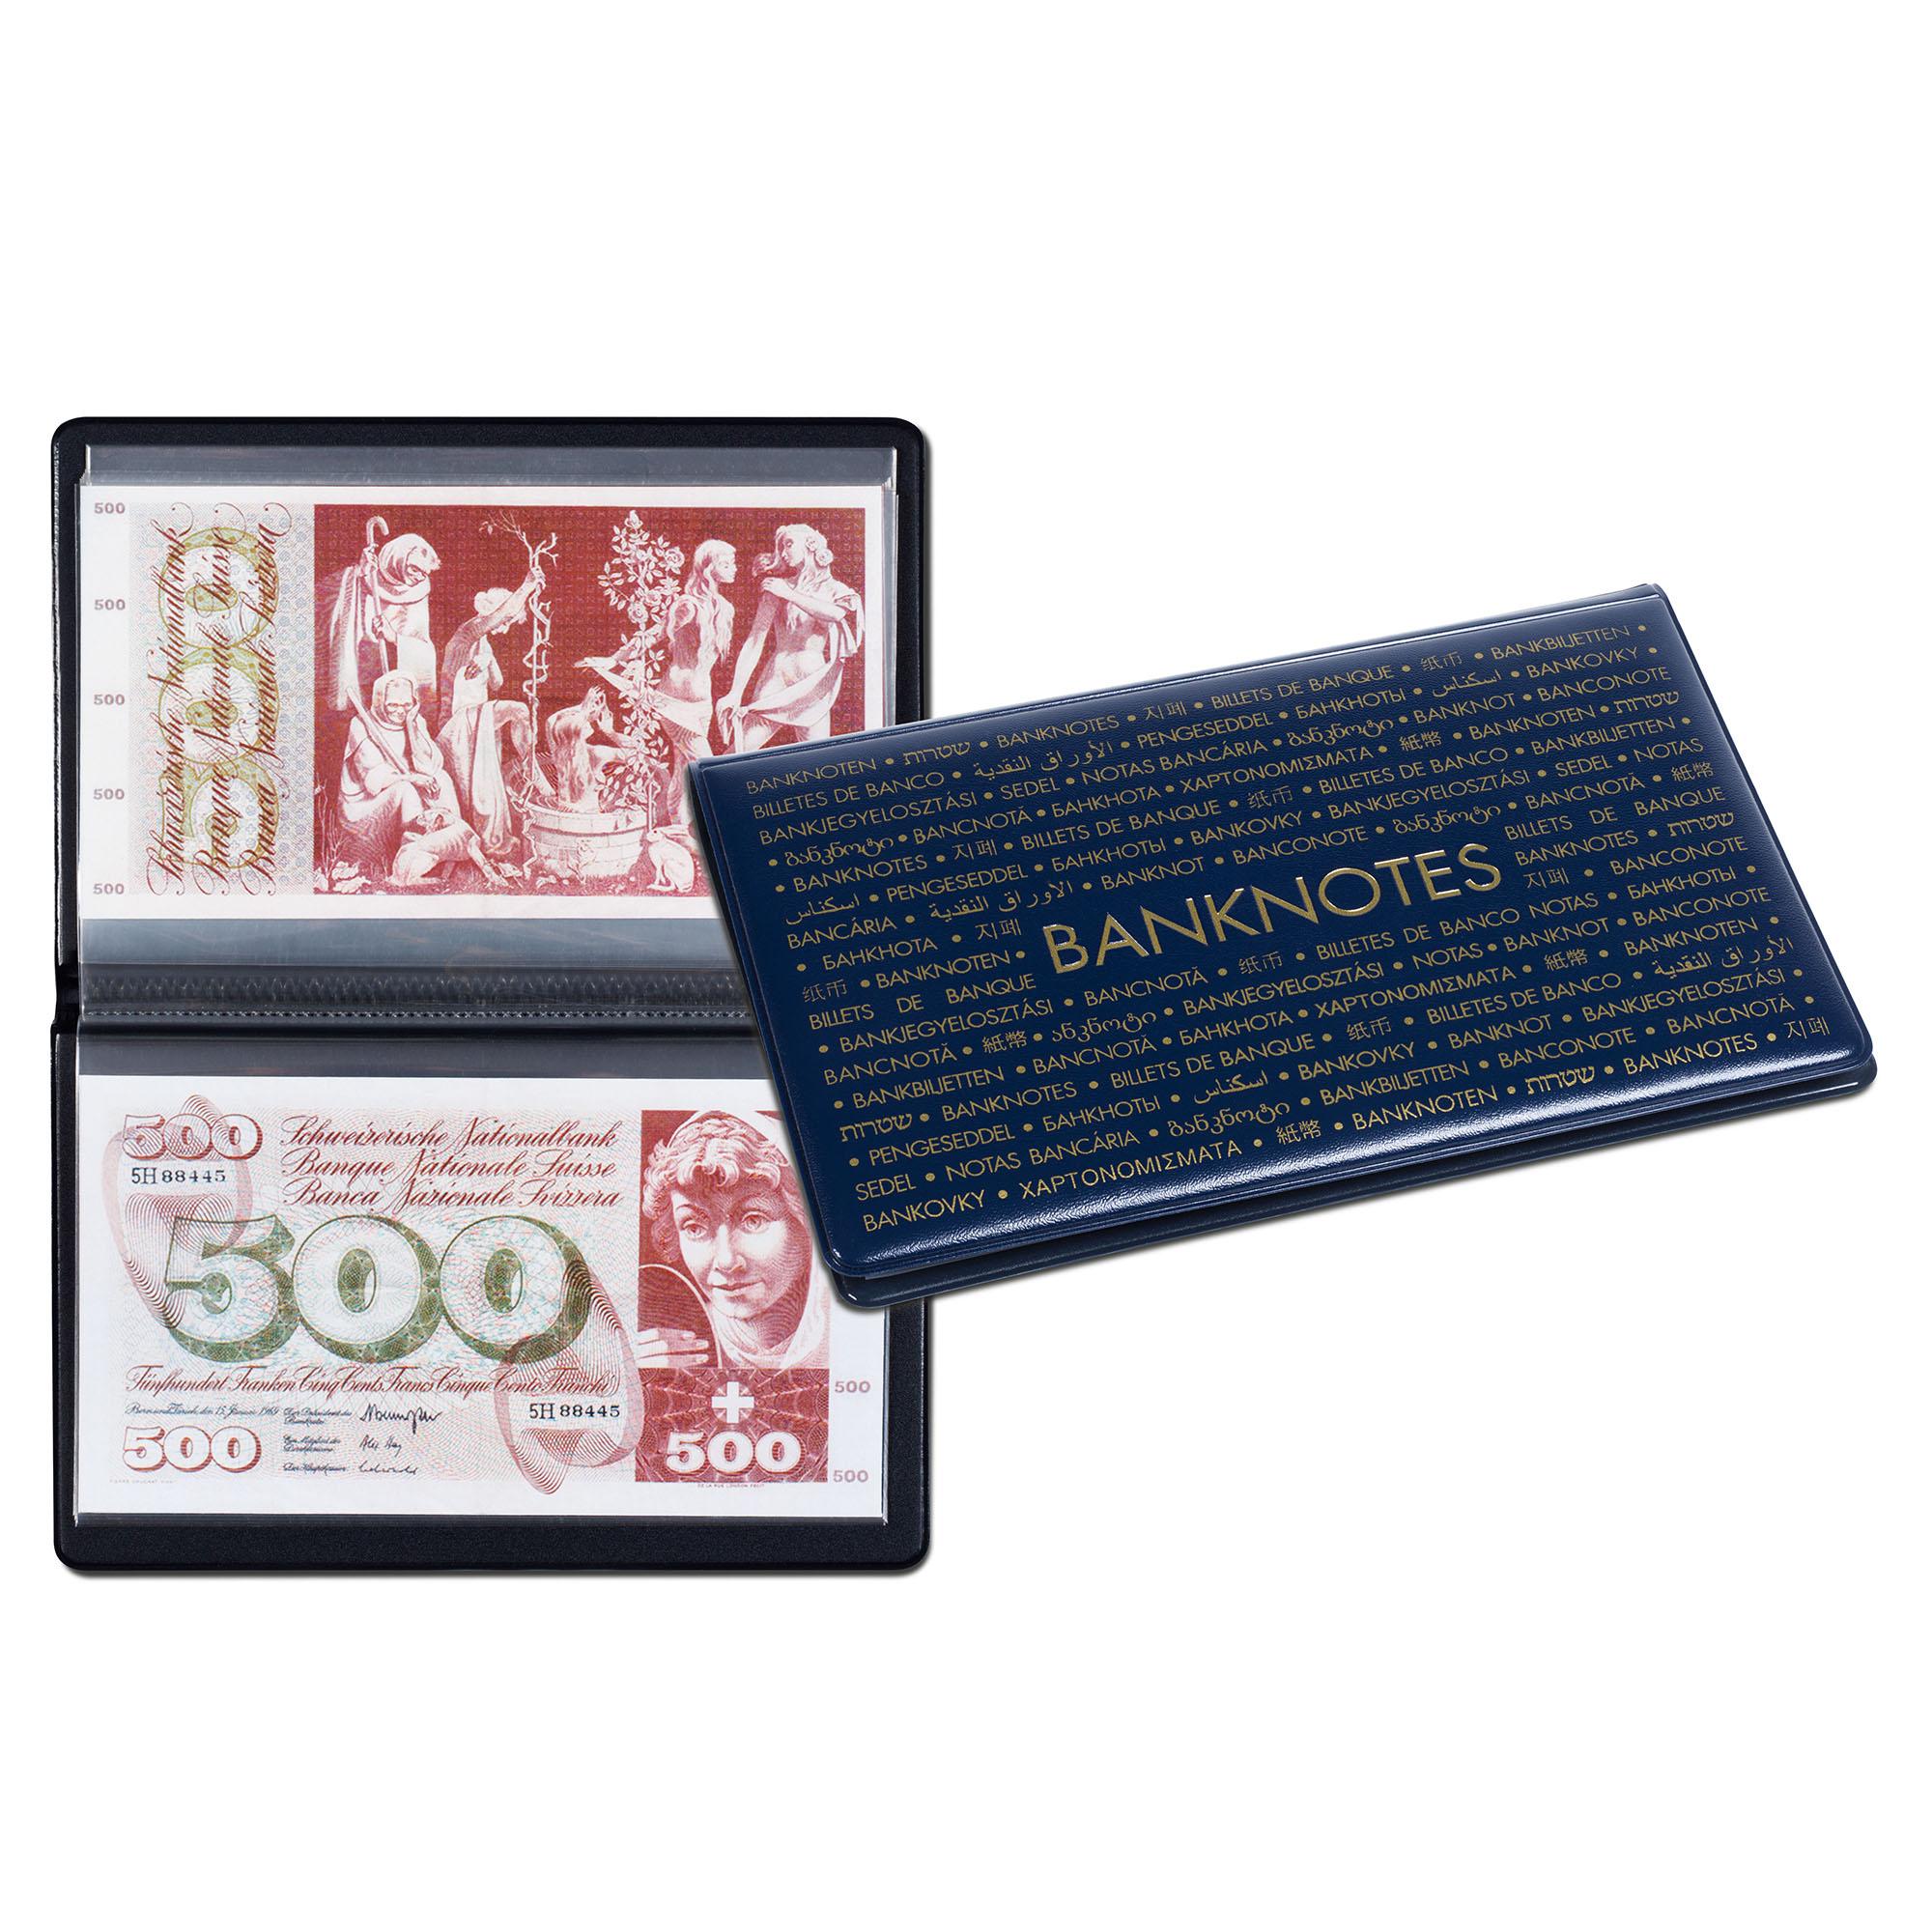 Карманный альбом Route 210 для банкнот